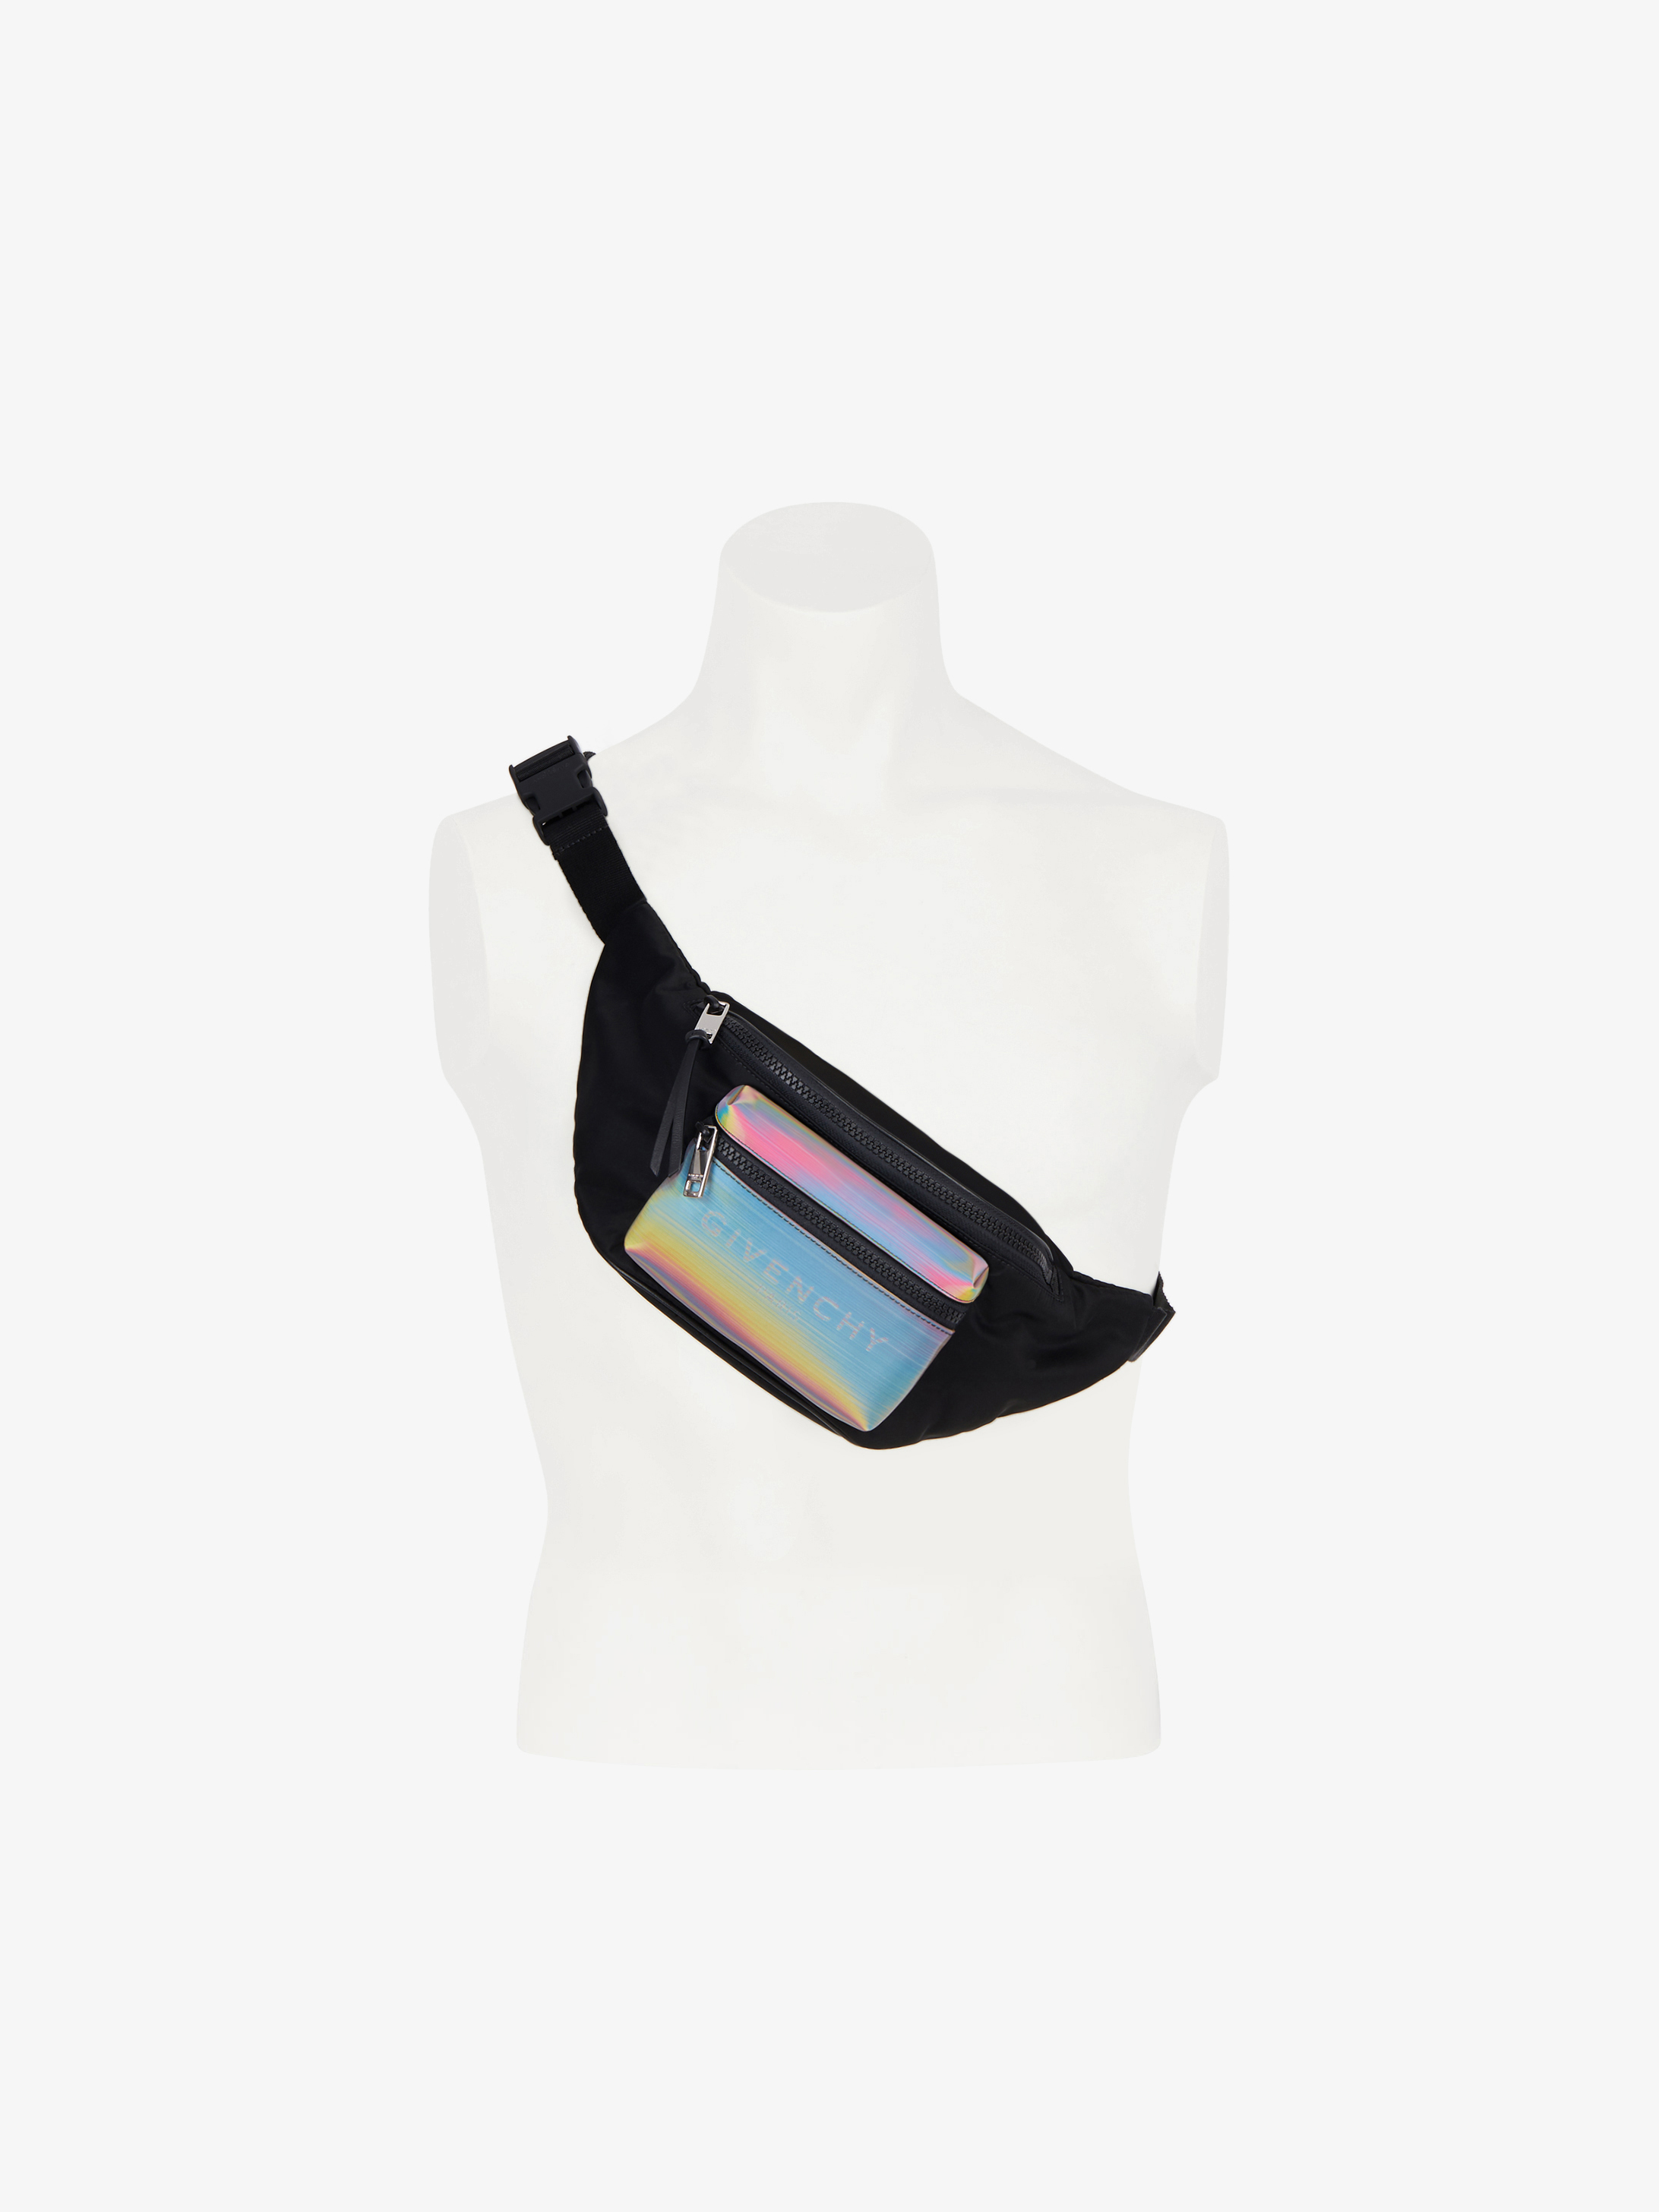 Sac ceinture Light 3 à poche holographique